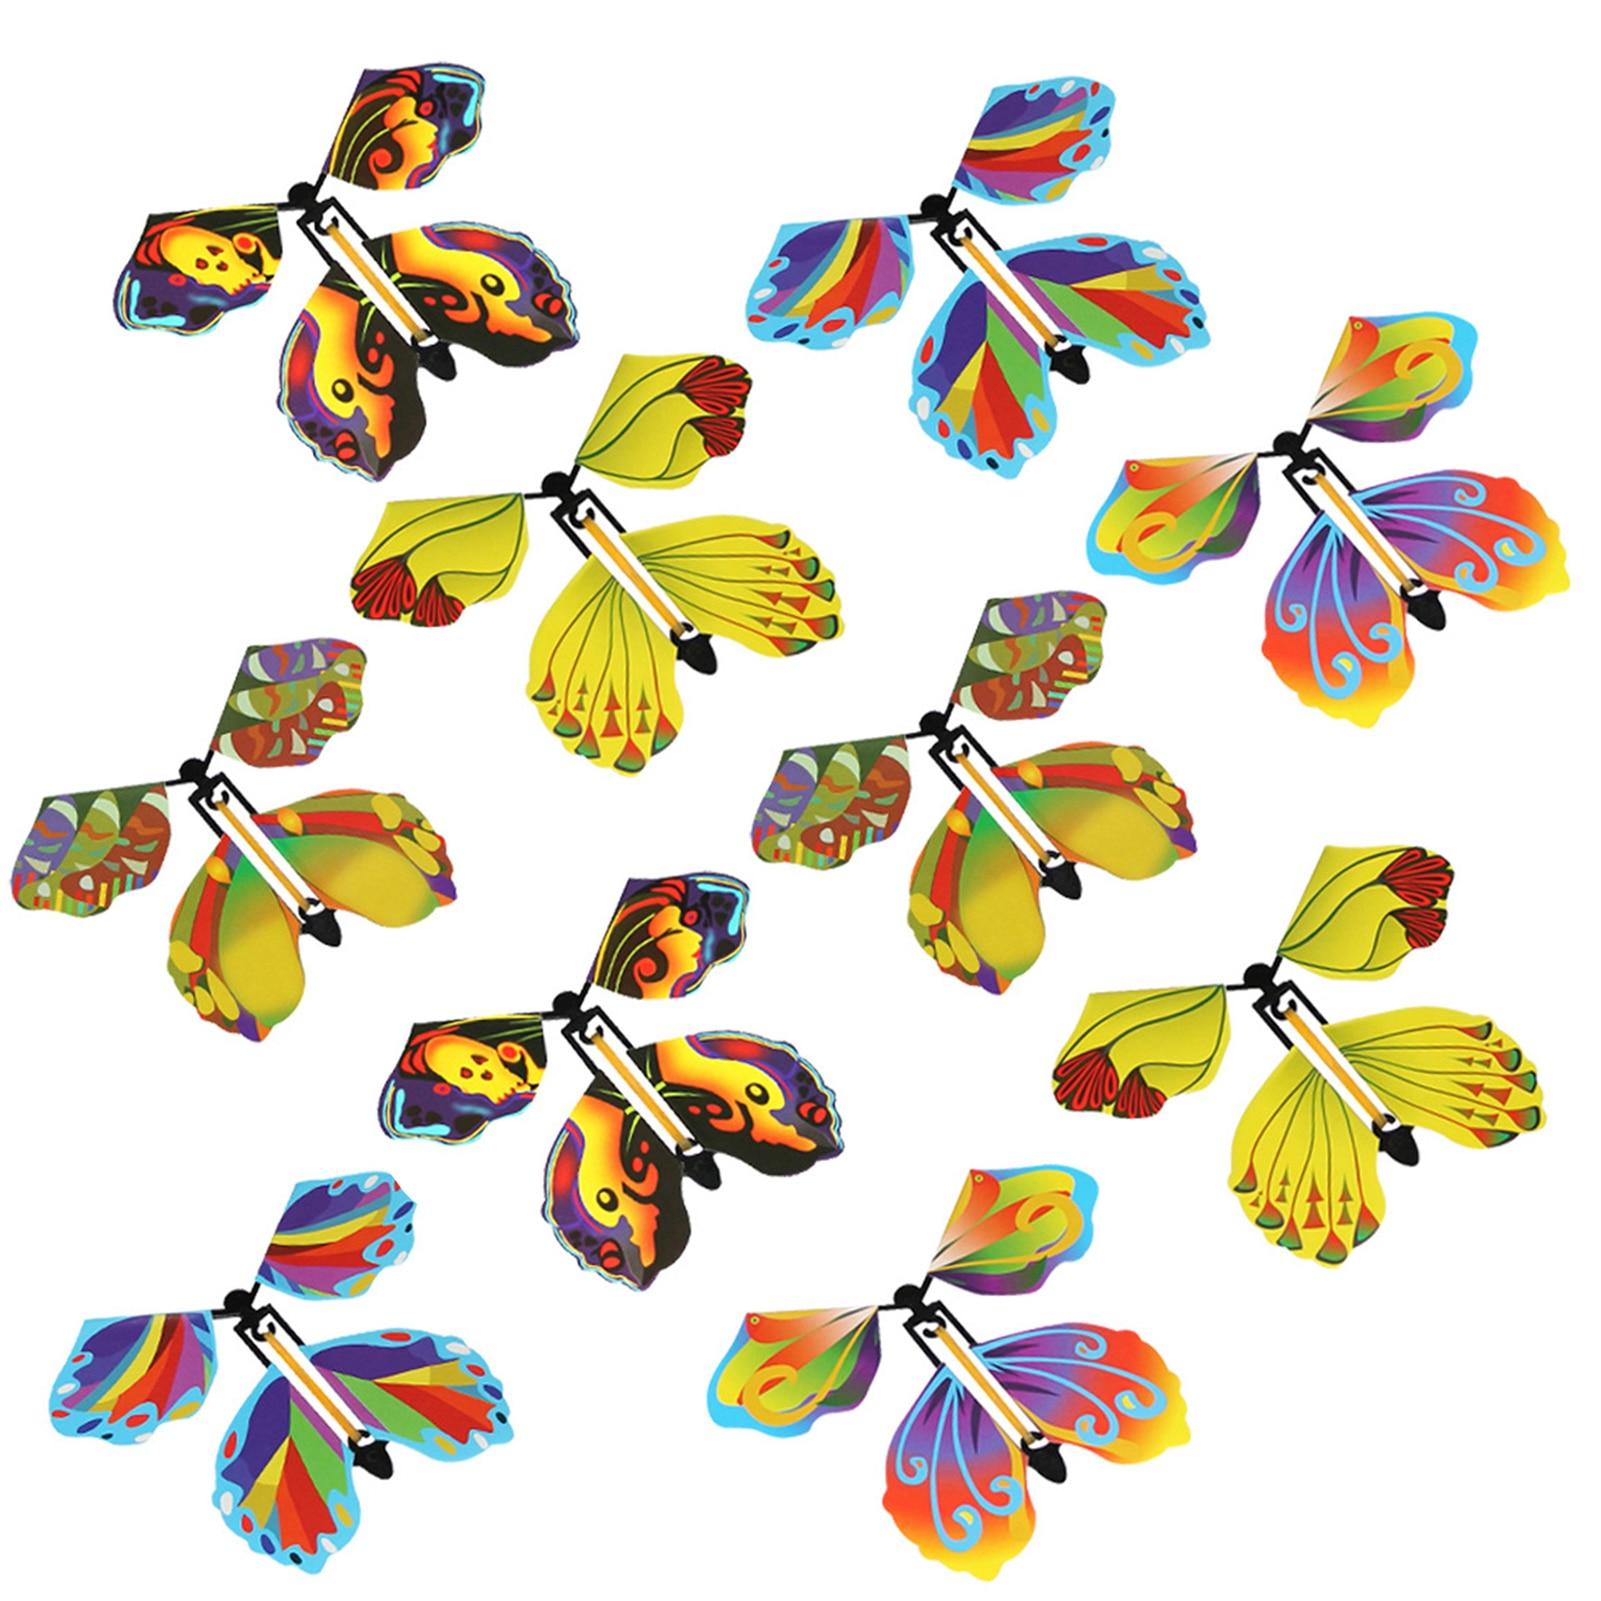 10 шт. Волшебная Летающая бабочка милый высококачественный детский отличный подарок Сюрприз День рождения Свадебная Открытка Подарок бабоч...